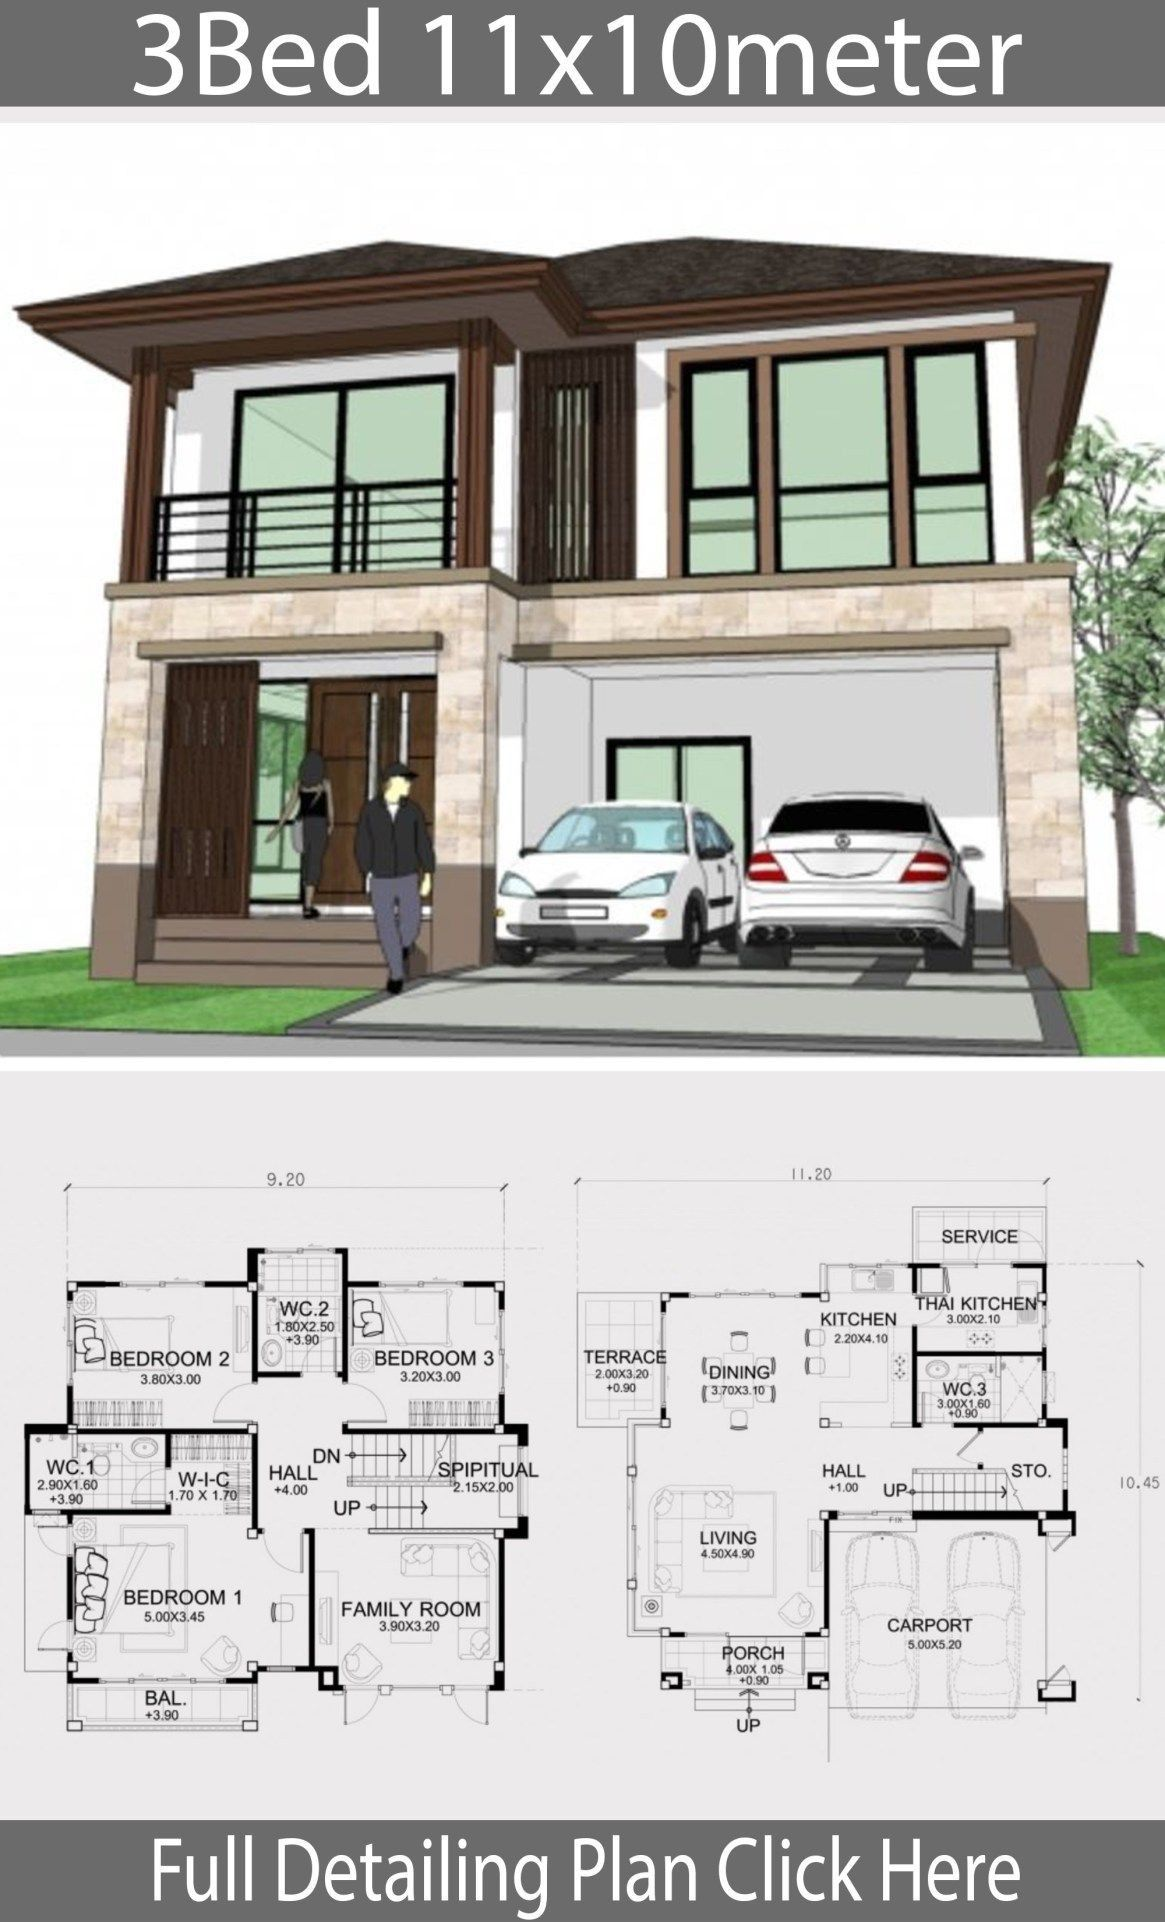 Simple But Elegant House Plans Simple But Elegant House Plans 2021 Lovely Simple Tiny House Blueprints House Blueprints House Plans Contemporary House Plans